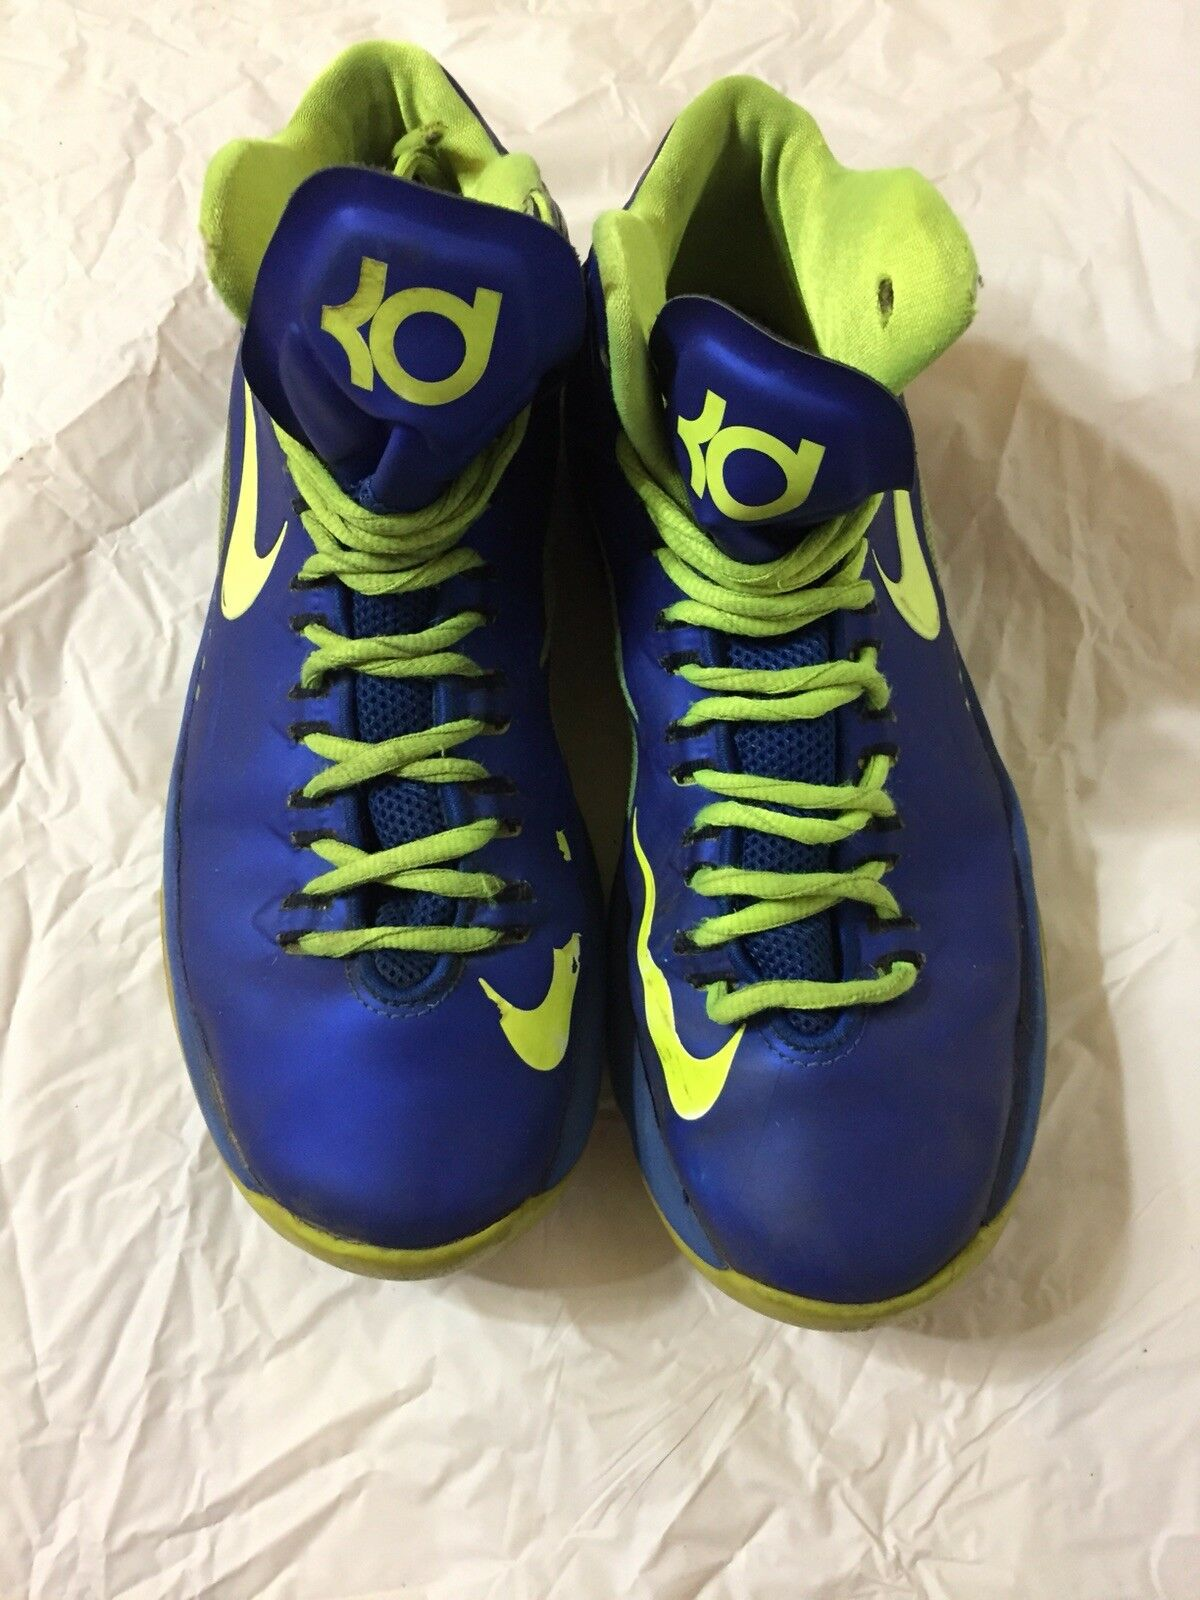 - scarpe scarpe scarpe da basket misura 7,5 aria kd   5 elite sprite kevin durant  dimensioni 7,5   Trasporto Veloce    Garanzia di qualità e quantità    Elegante Nello Stile  733d3c